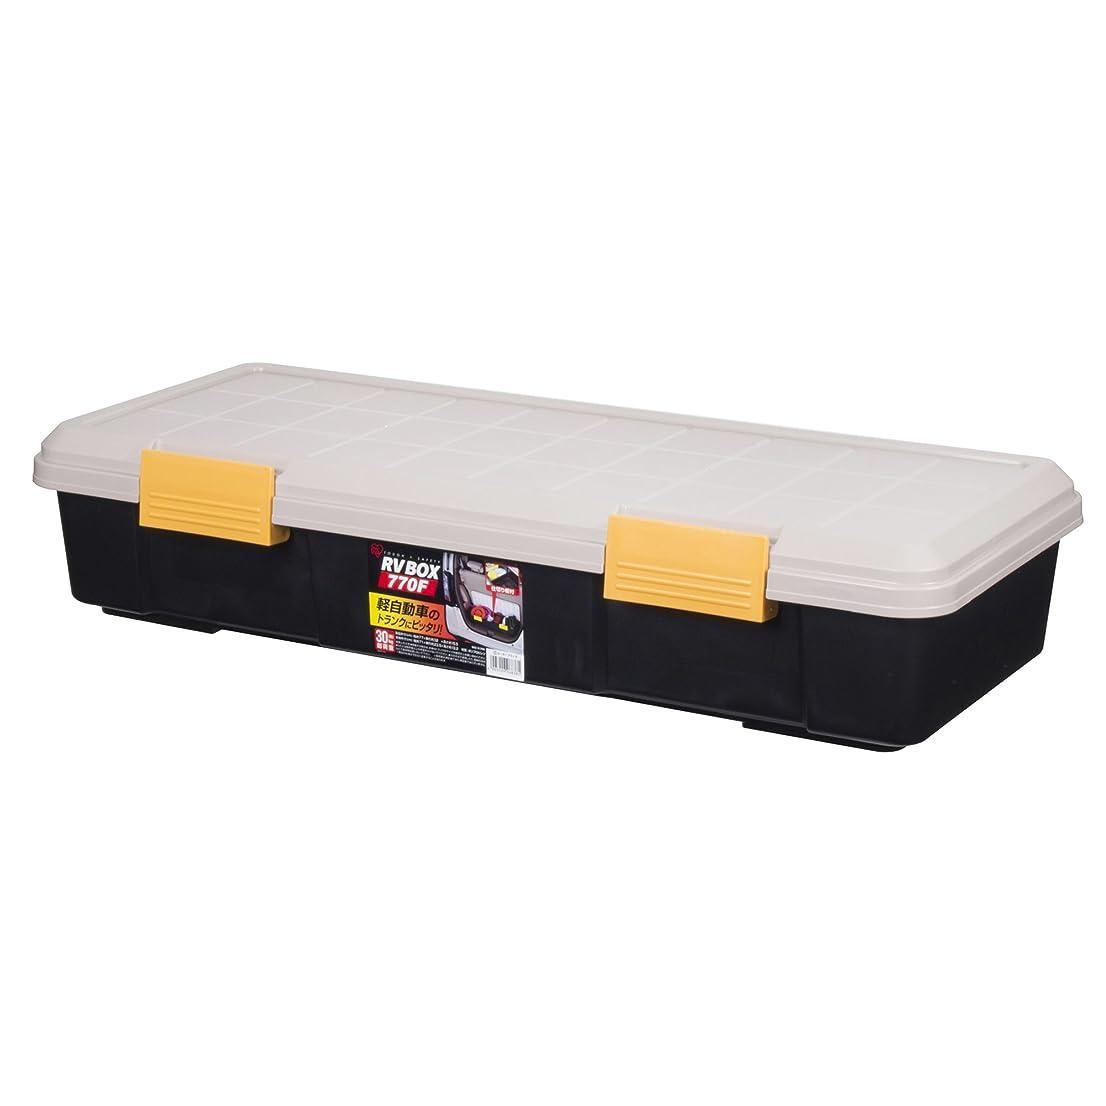 自動化悲惨な便利さアイリスオーヤマ ボックス  仕切り板付き RVBOX 770F カーキ/ブラック 幅77×奥行32×高さ15.5cm